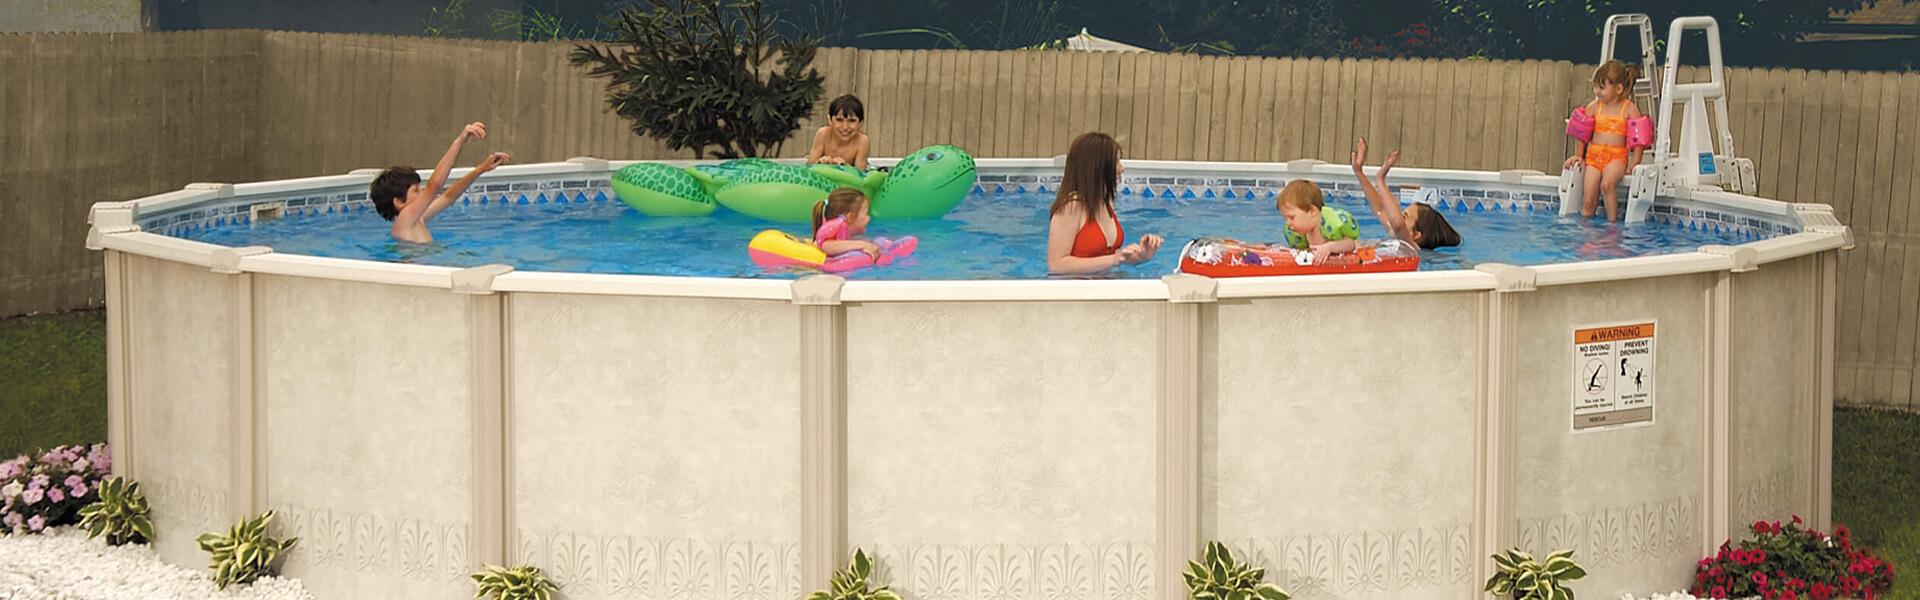 Doughboy Pools - Pool World Spokane